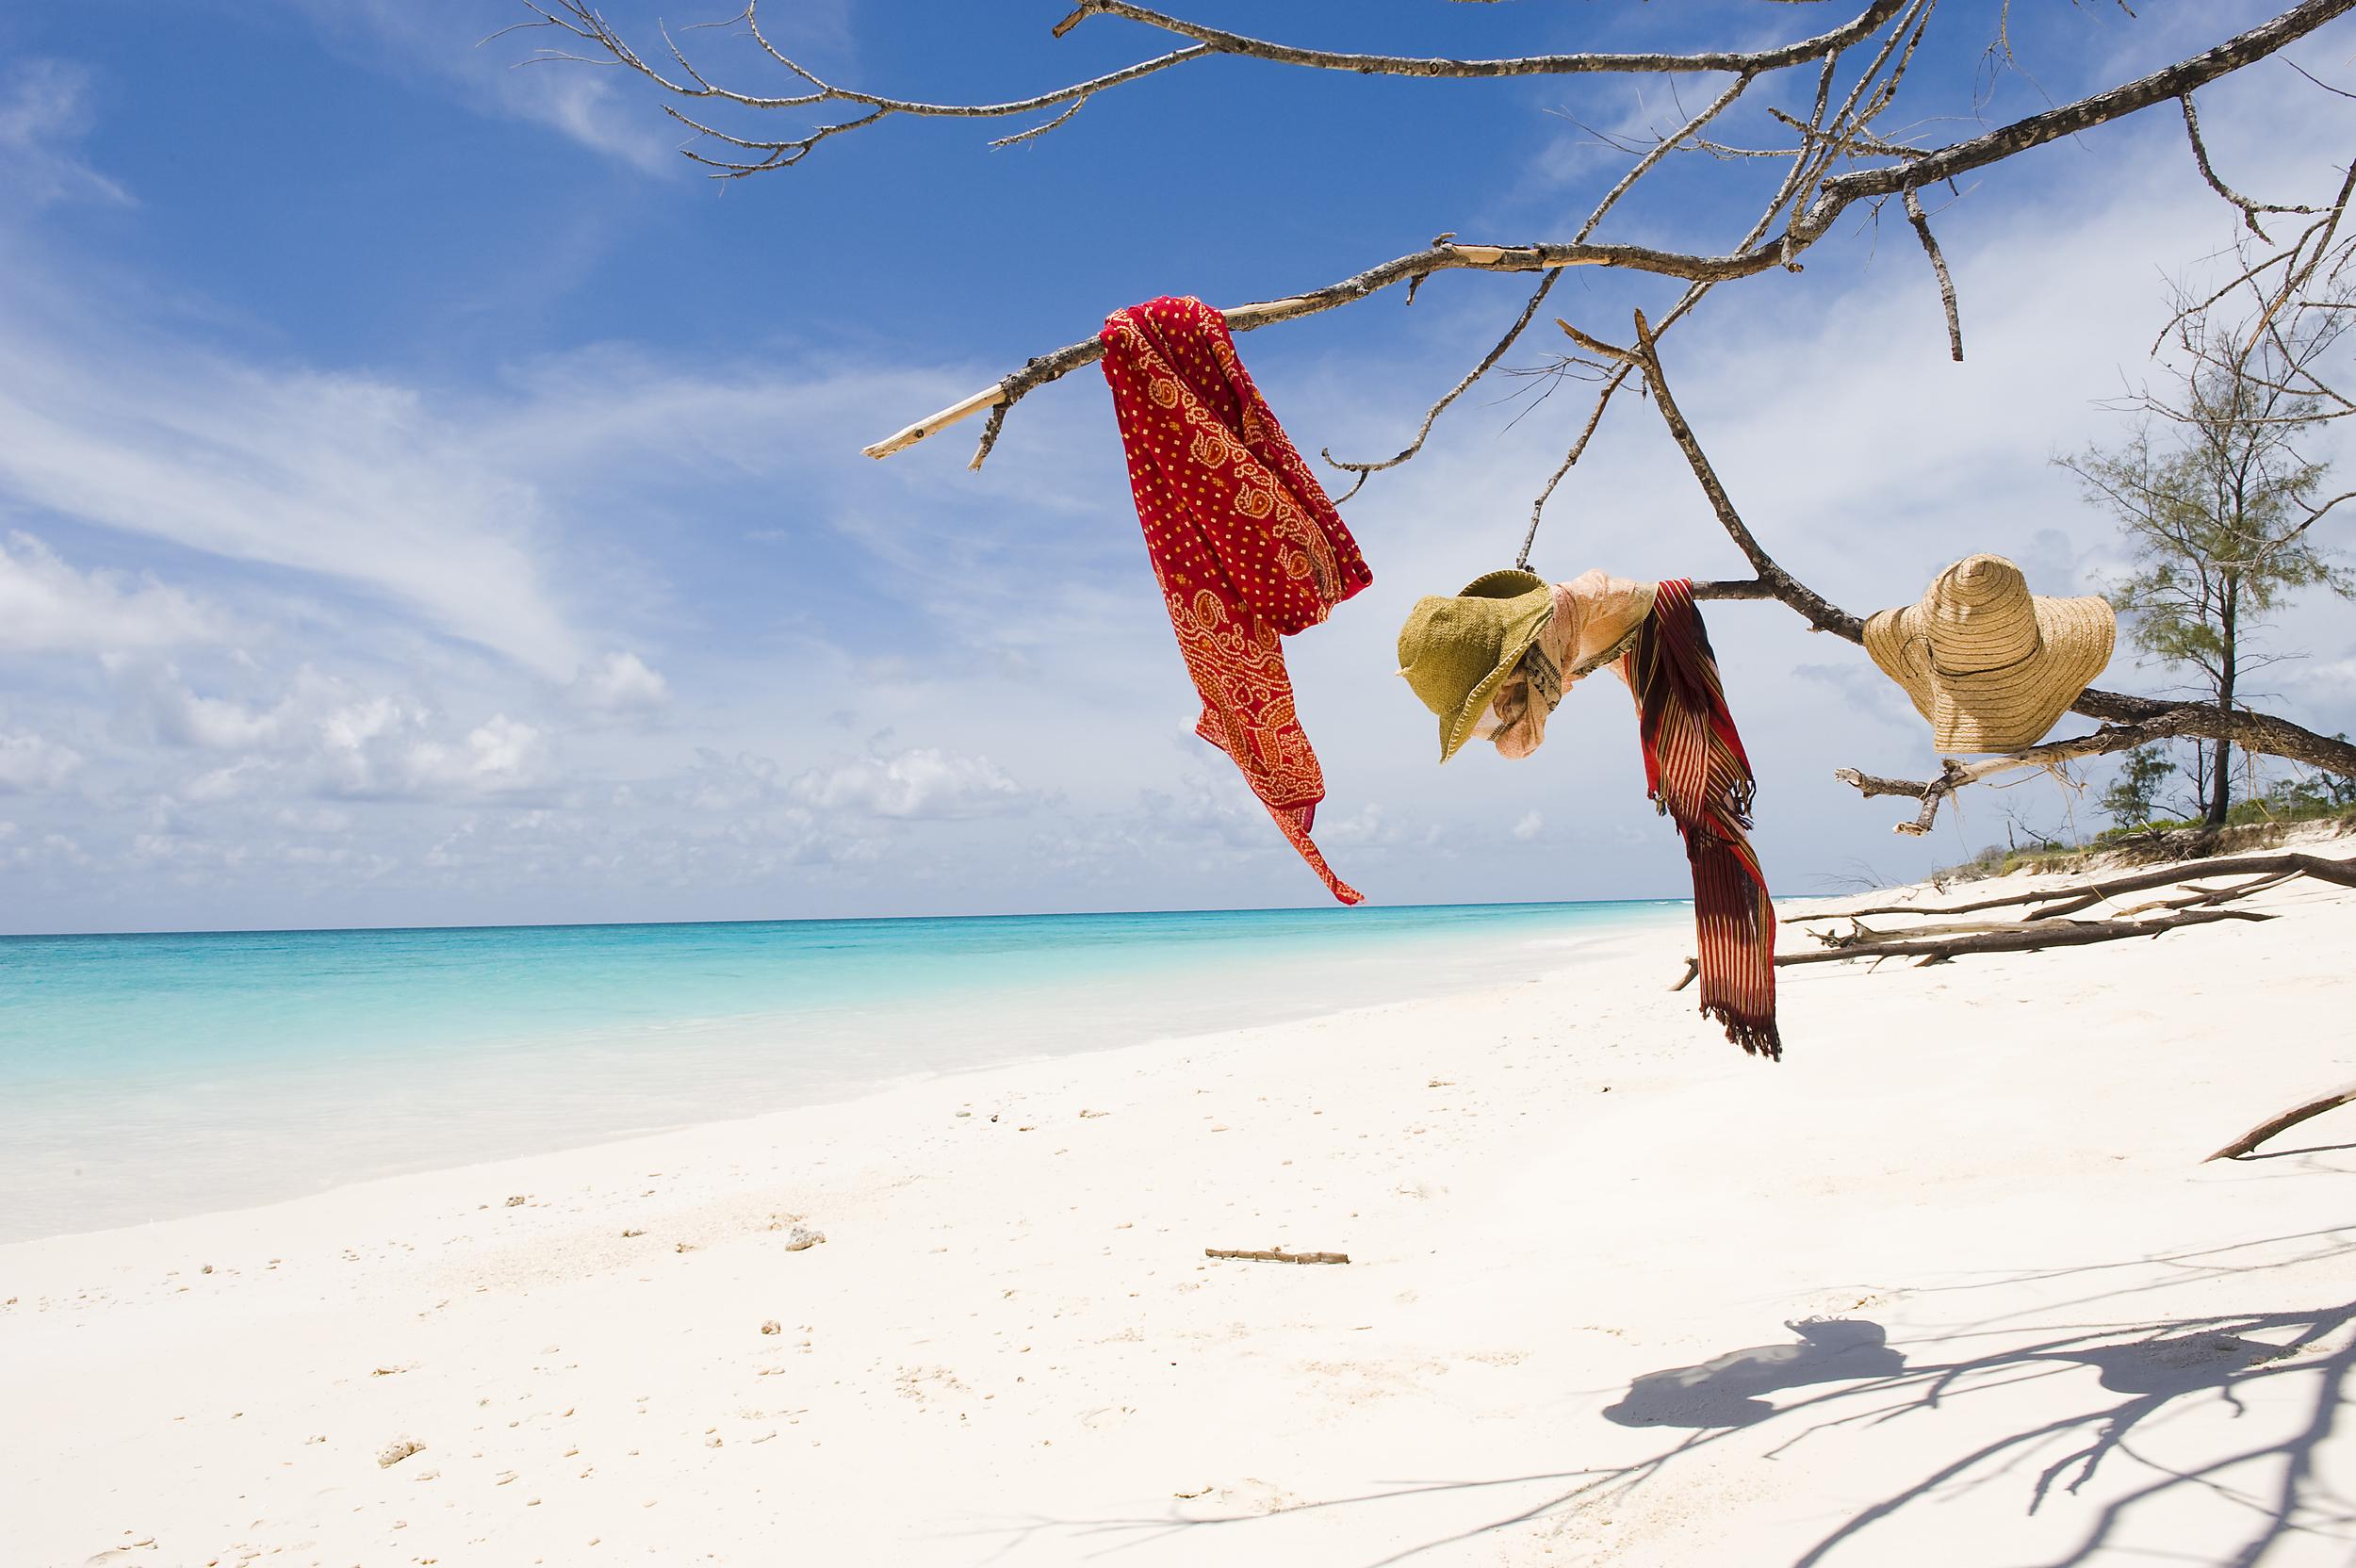 Vamizi Island - BeachWithKikoiKangaAndHatDetail.jpg